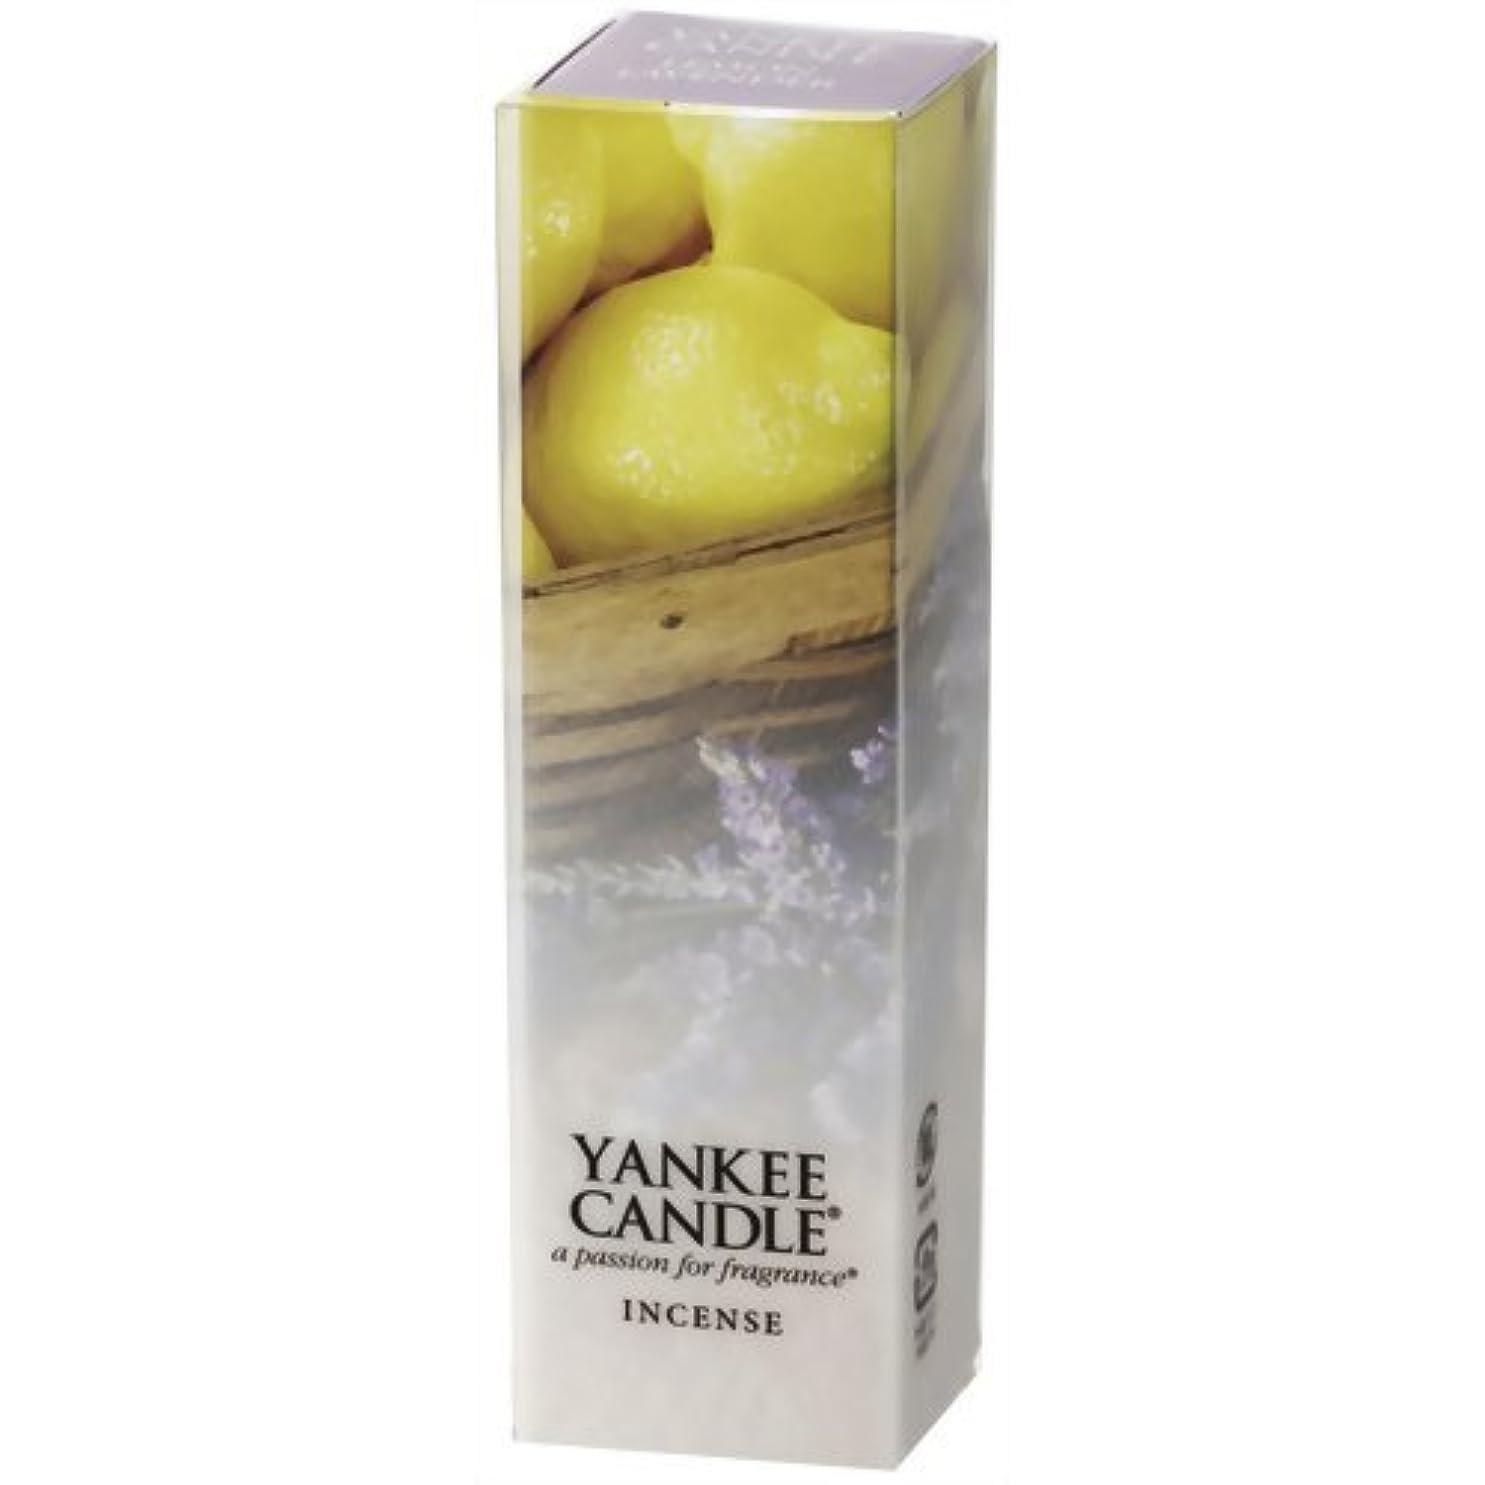 ふくろう動的加害者YANKEE CANDLE(ヤンキーキャンドル) YCインセンス レモン ラベンダー